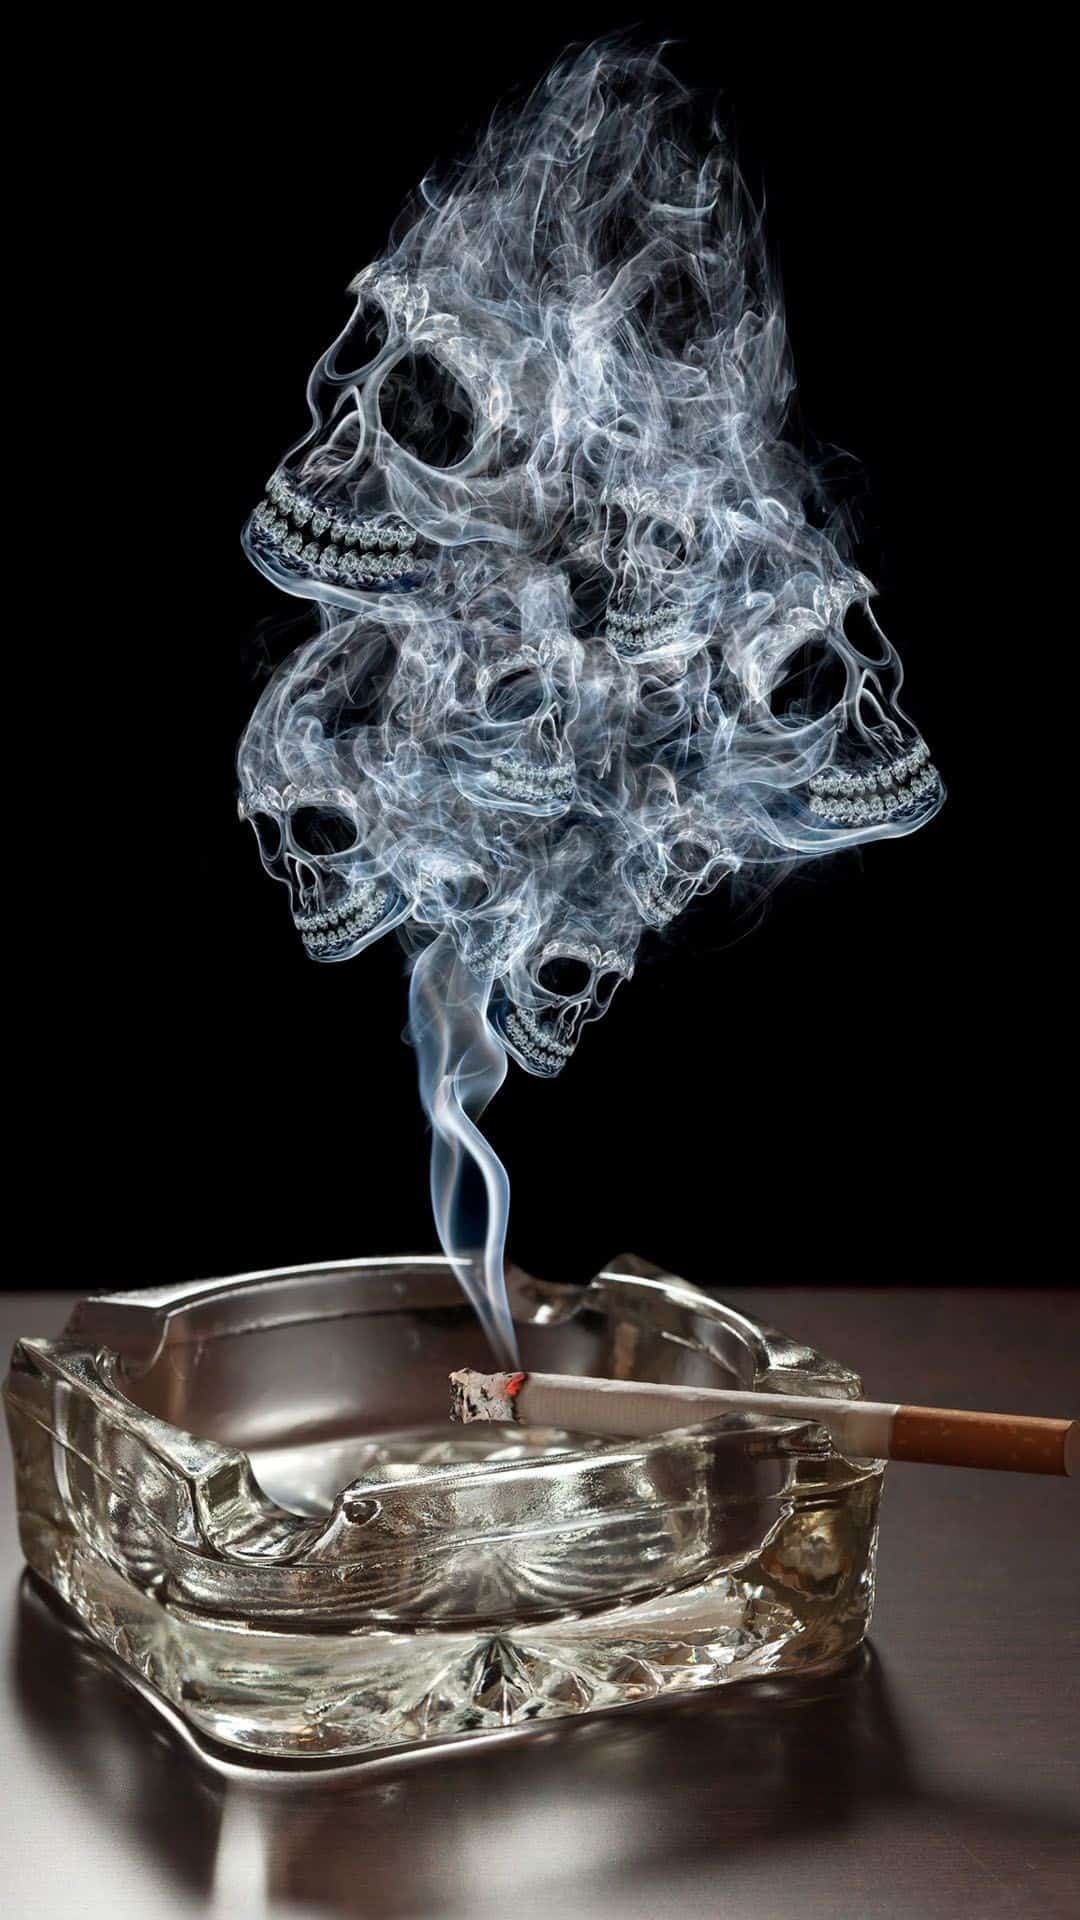 اثر سیگار و دخانیات بر عصبکشی